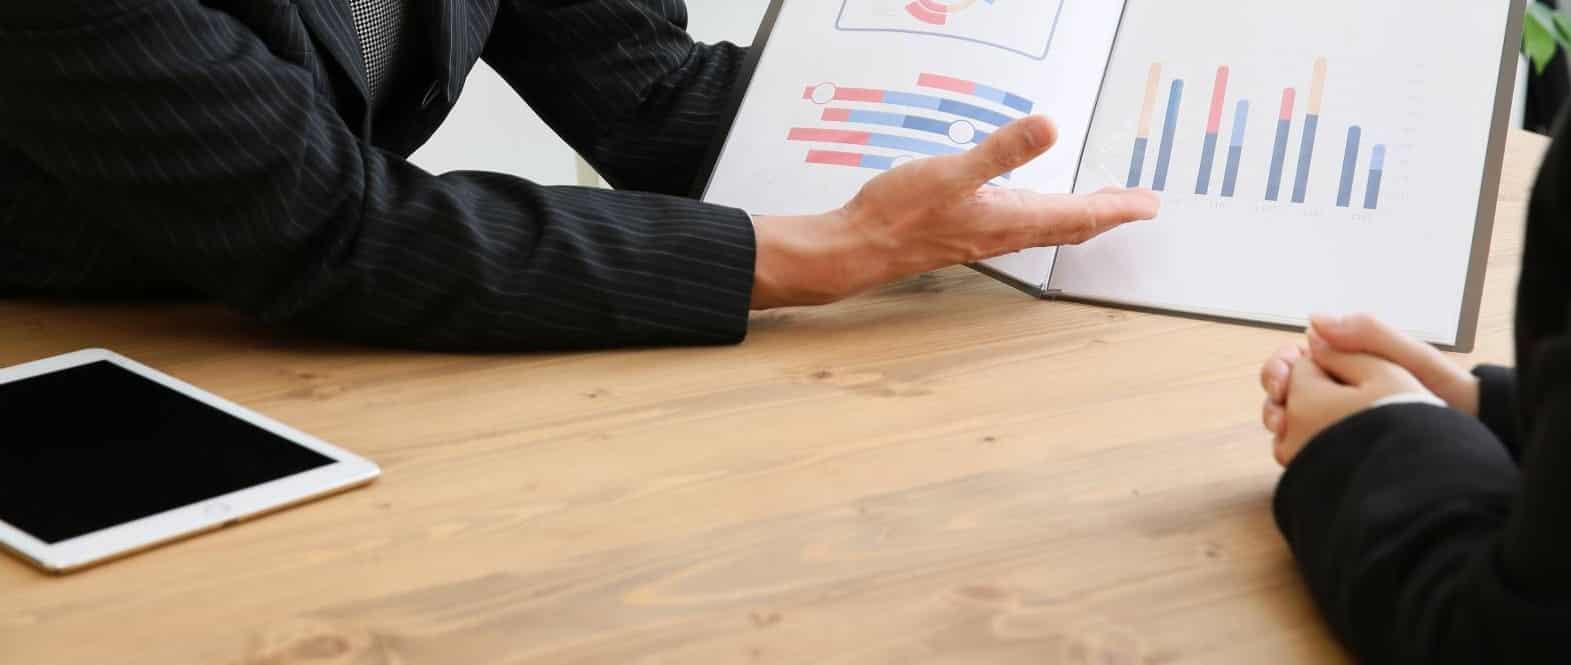 calcul de finance en entreprise